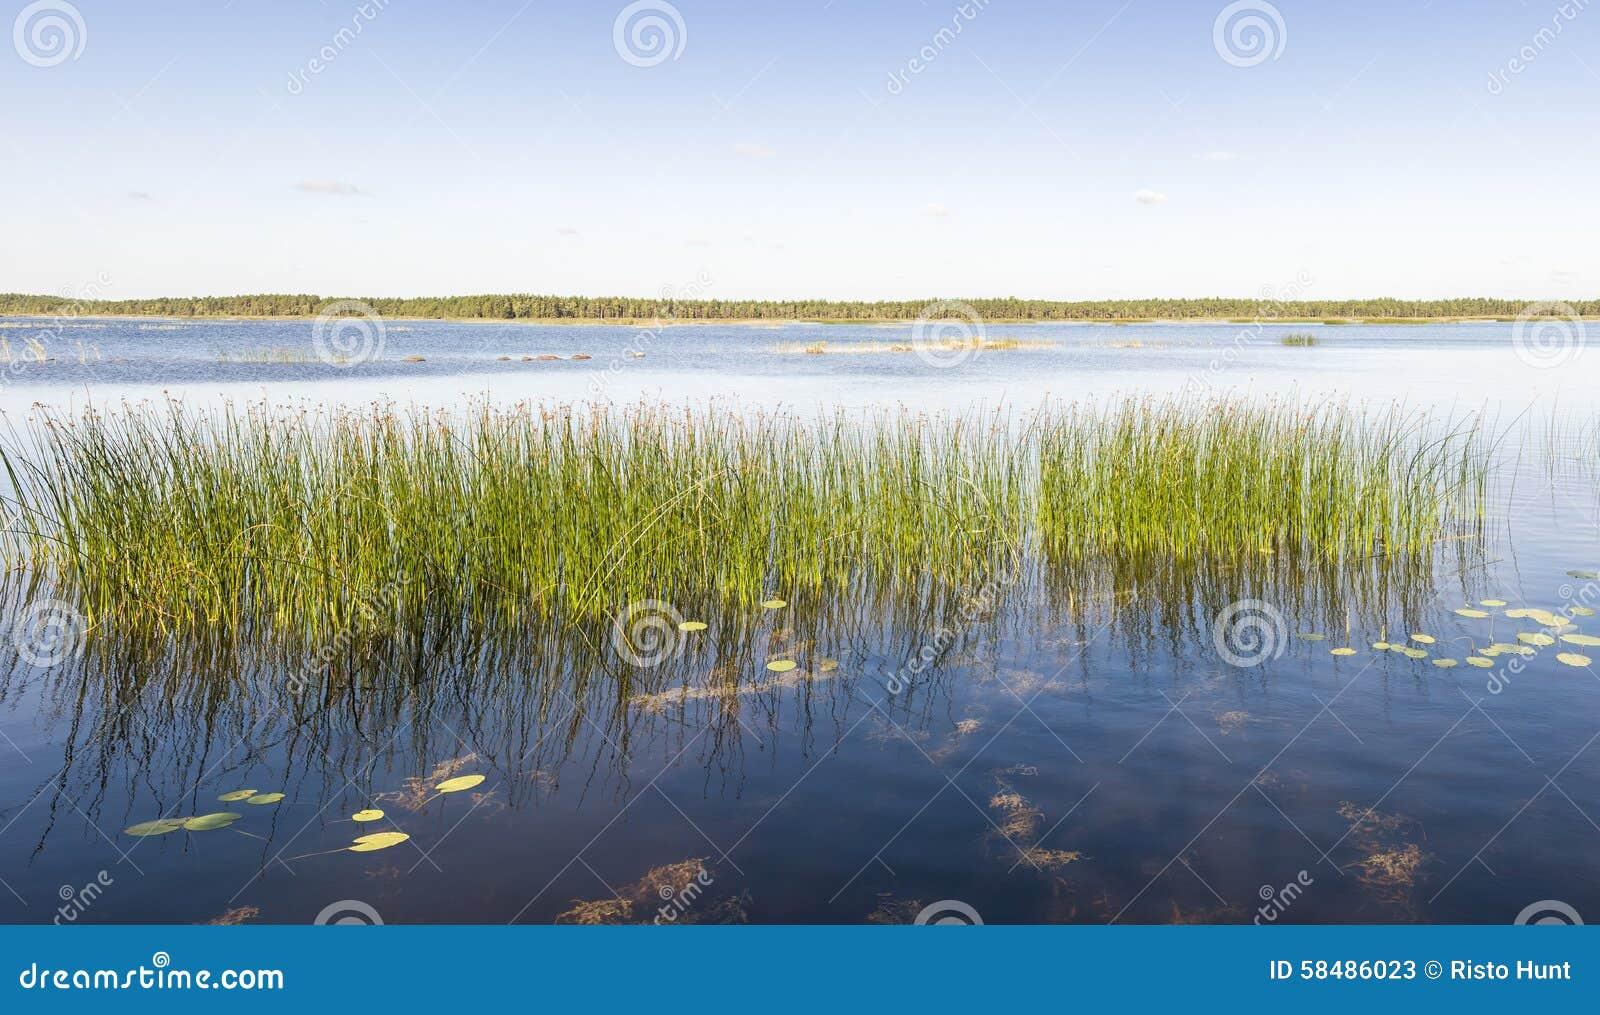 Il panorama della canna verde si sviluppa in un lago o in un mare